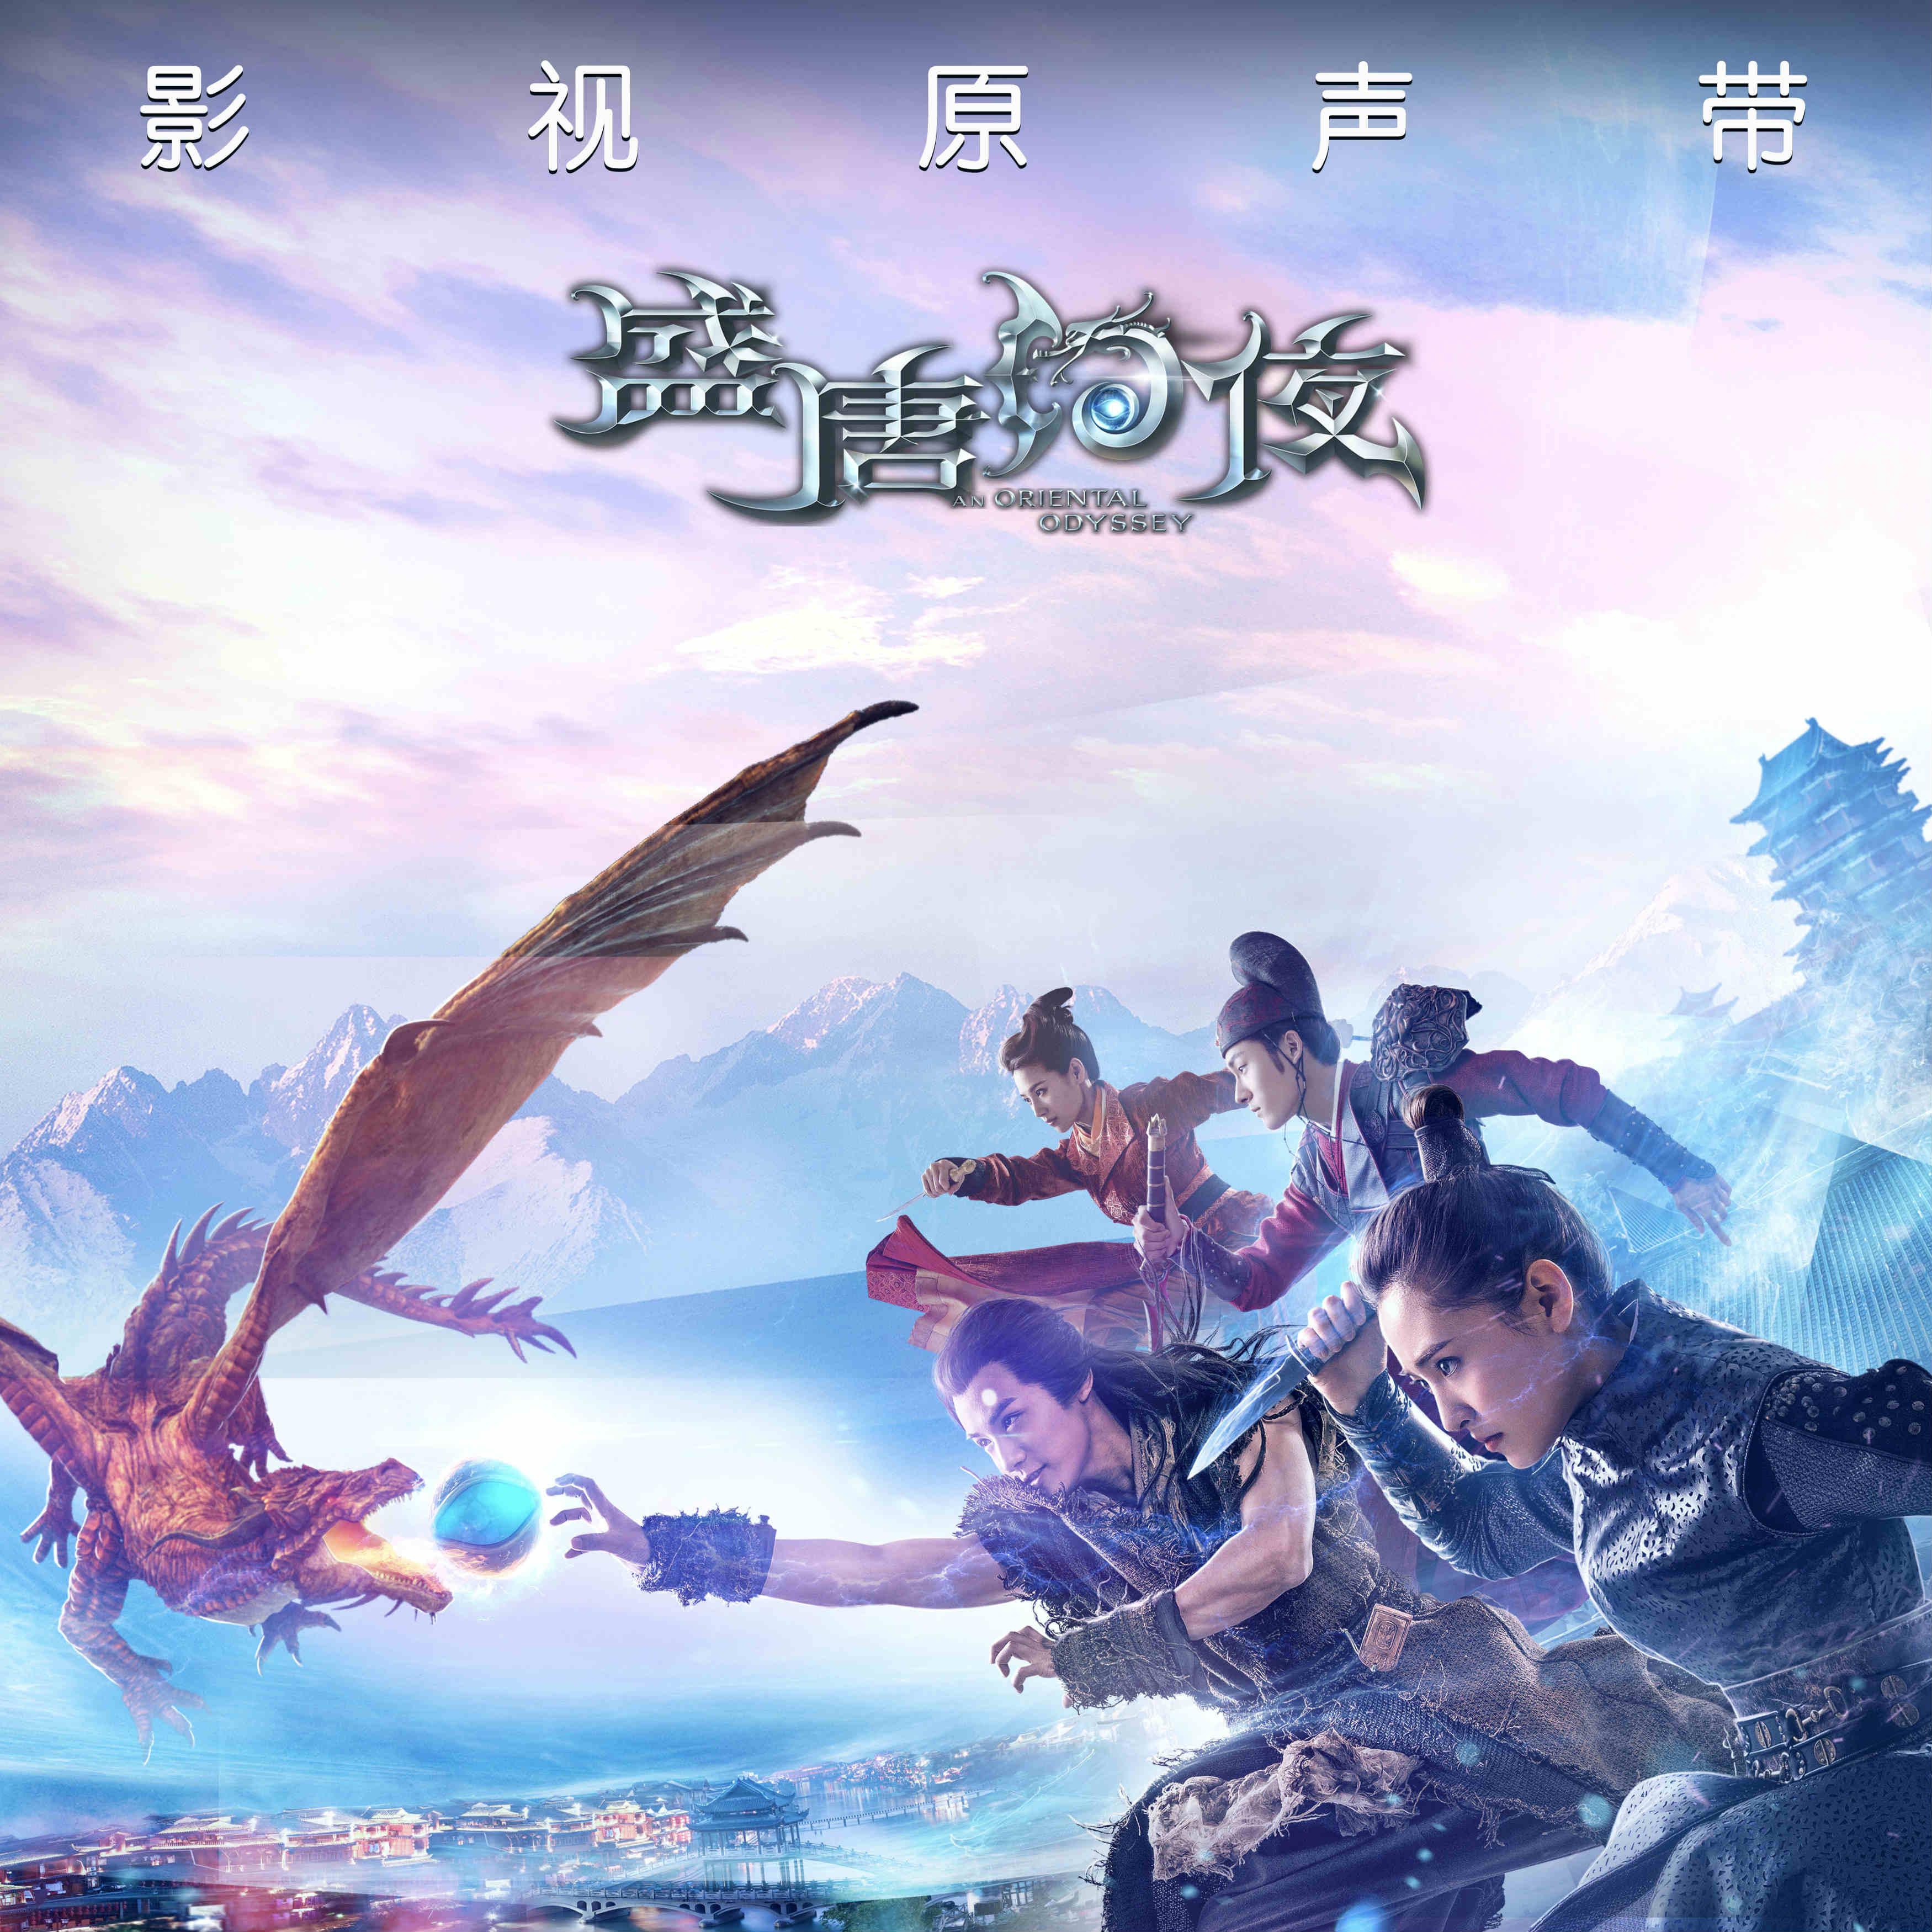 《盛唐幻夜》原声带上线 吴倩跨界献声演绎中国风